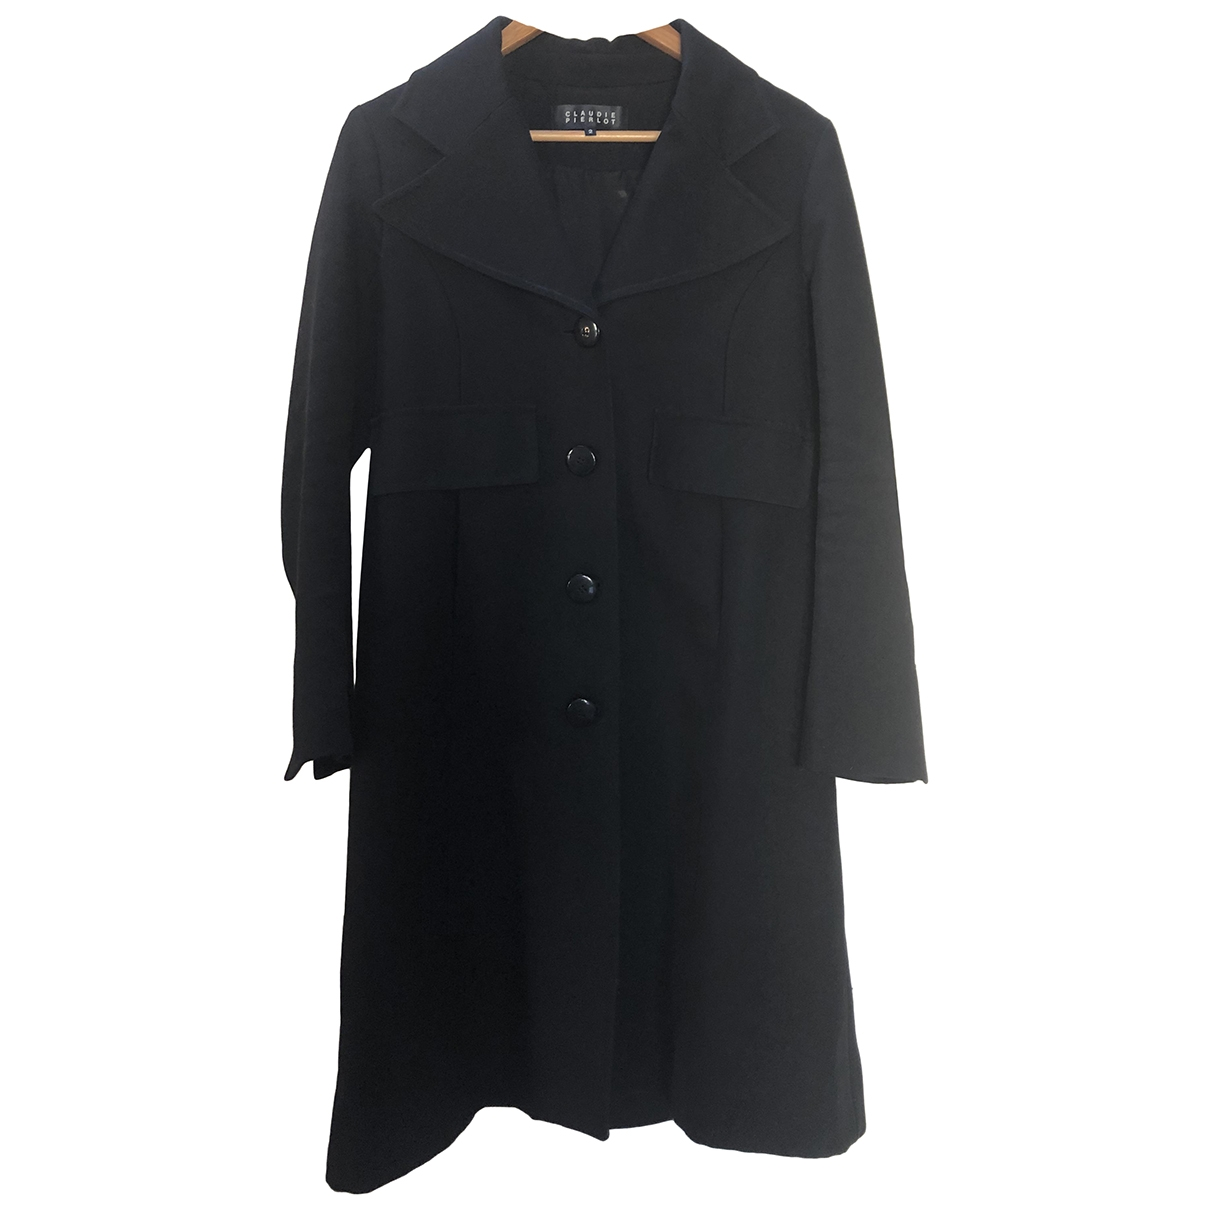 Claudie Pierlot \N Black Cotton coat for Women 2 0-5